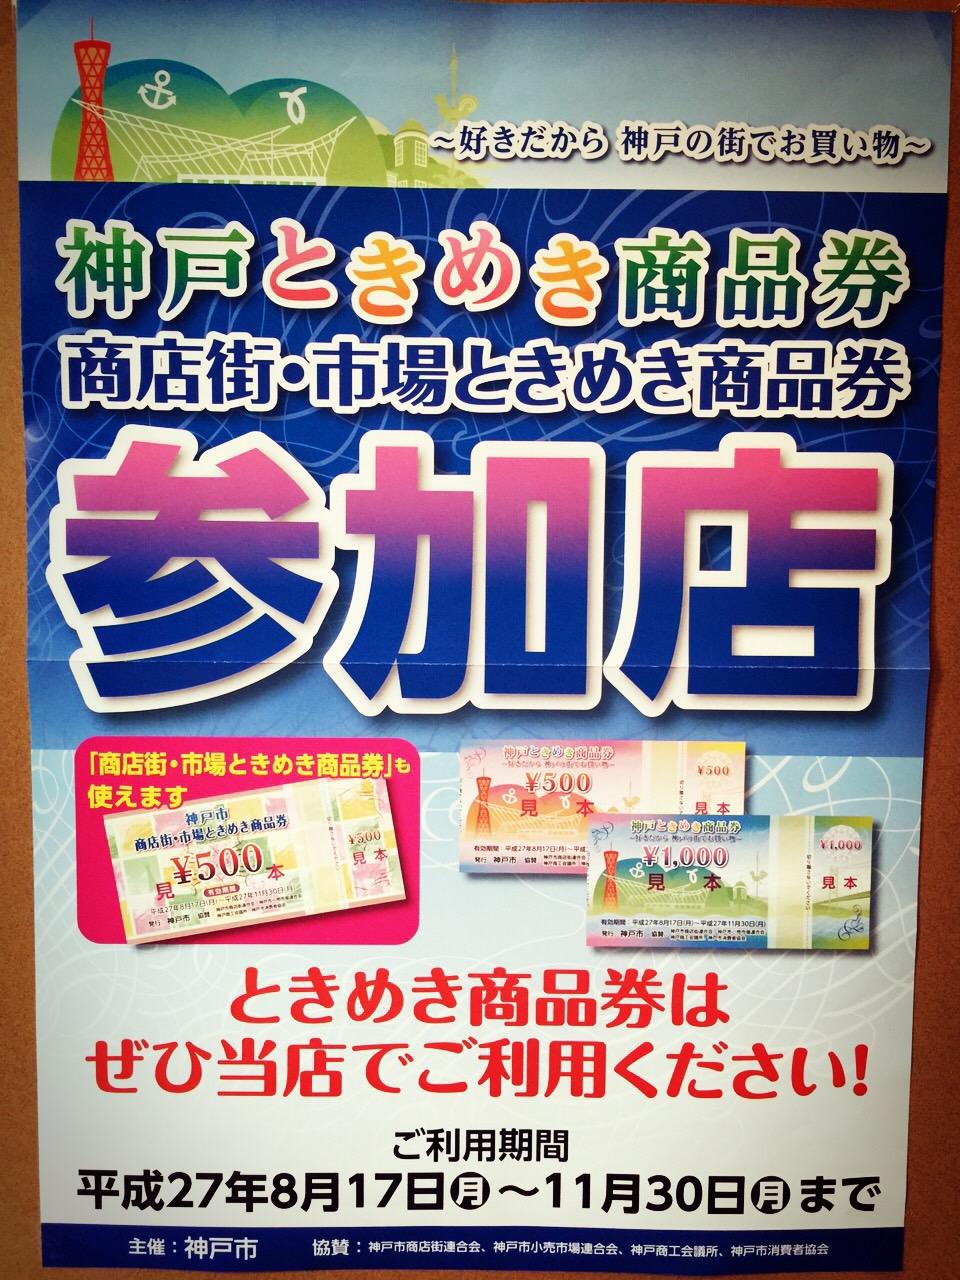 神戸ときめき商品券_d0143138_2062780.jpg